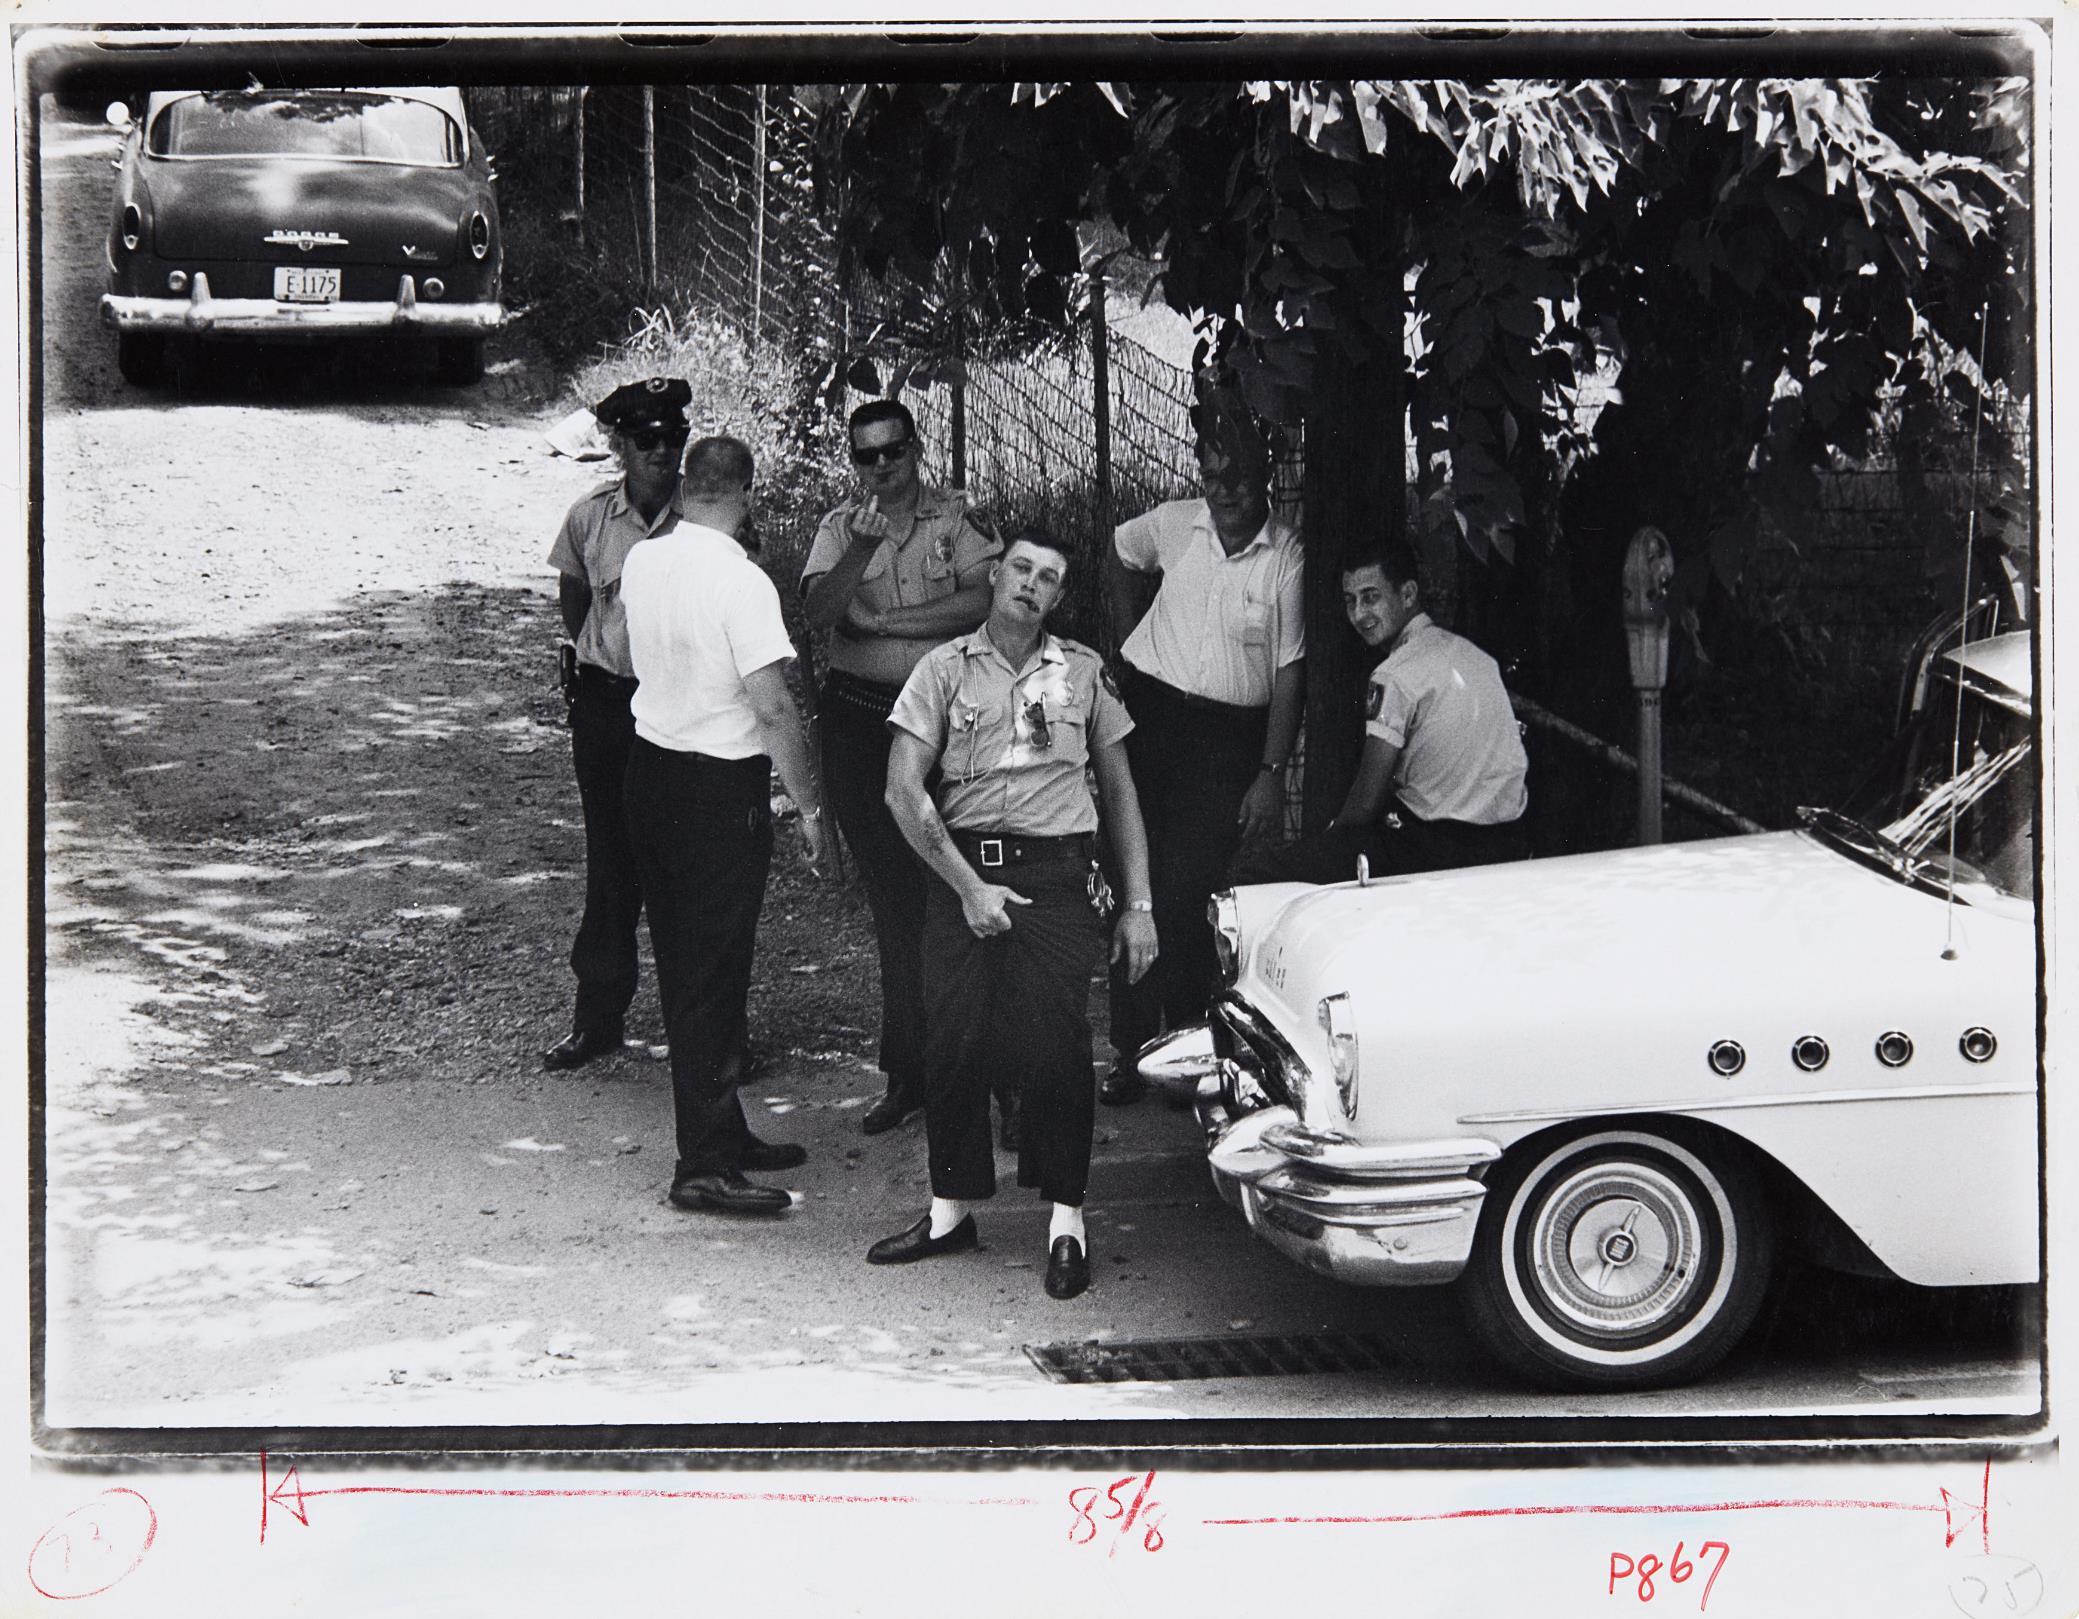 Danny Lyon-Policemen, Clarksdale, Mississippi-1963